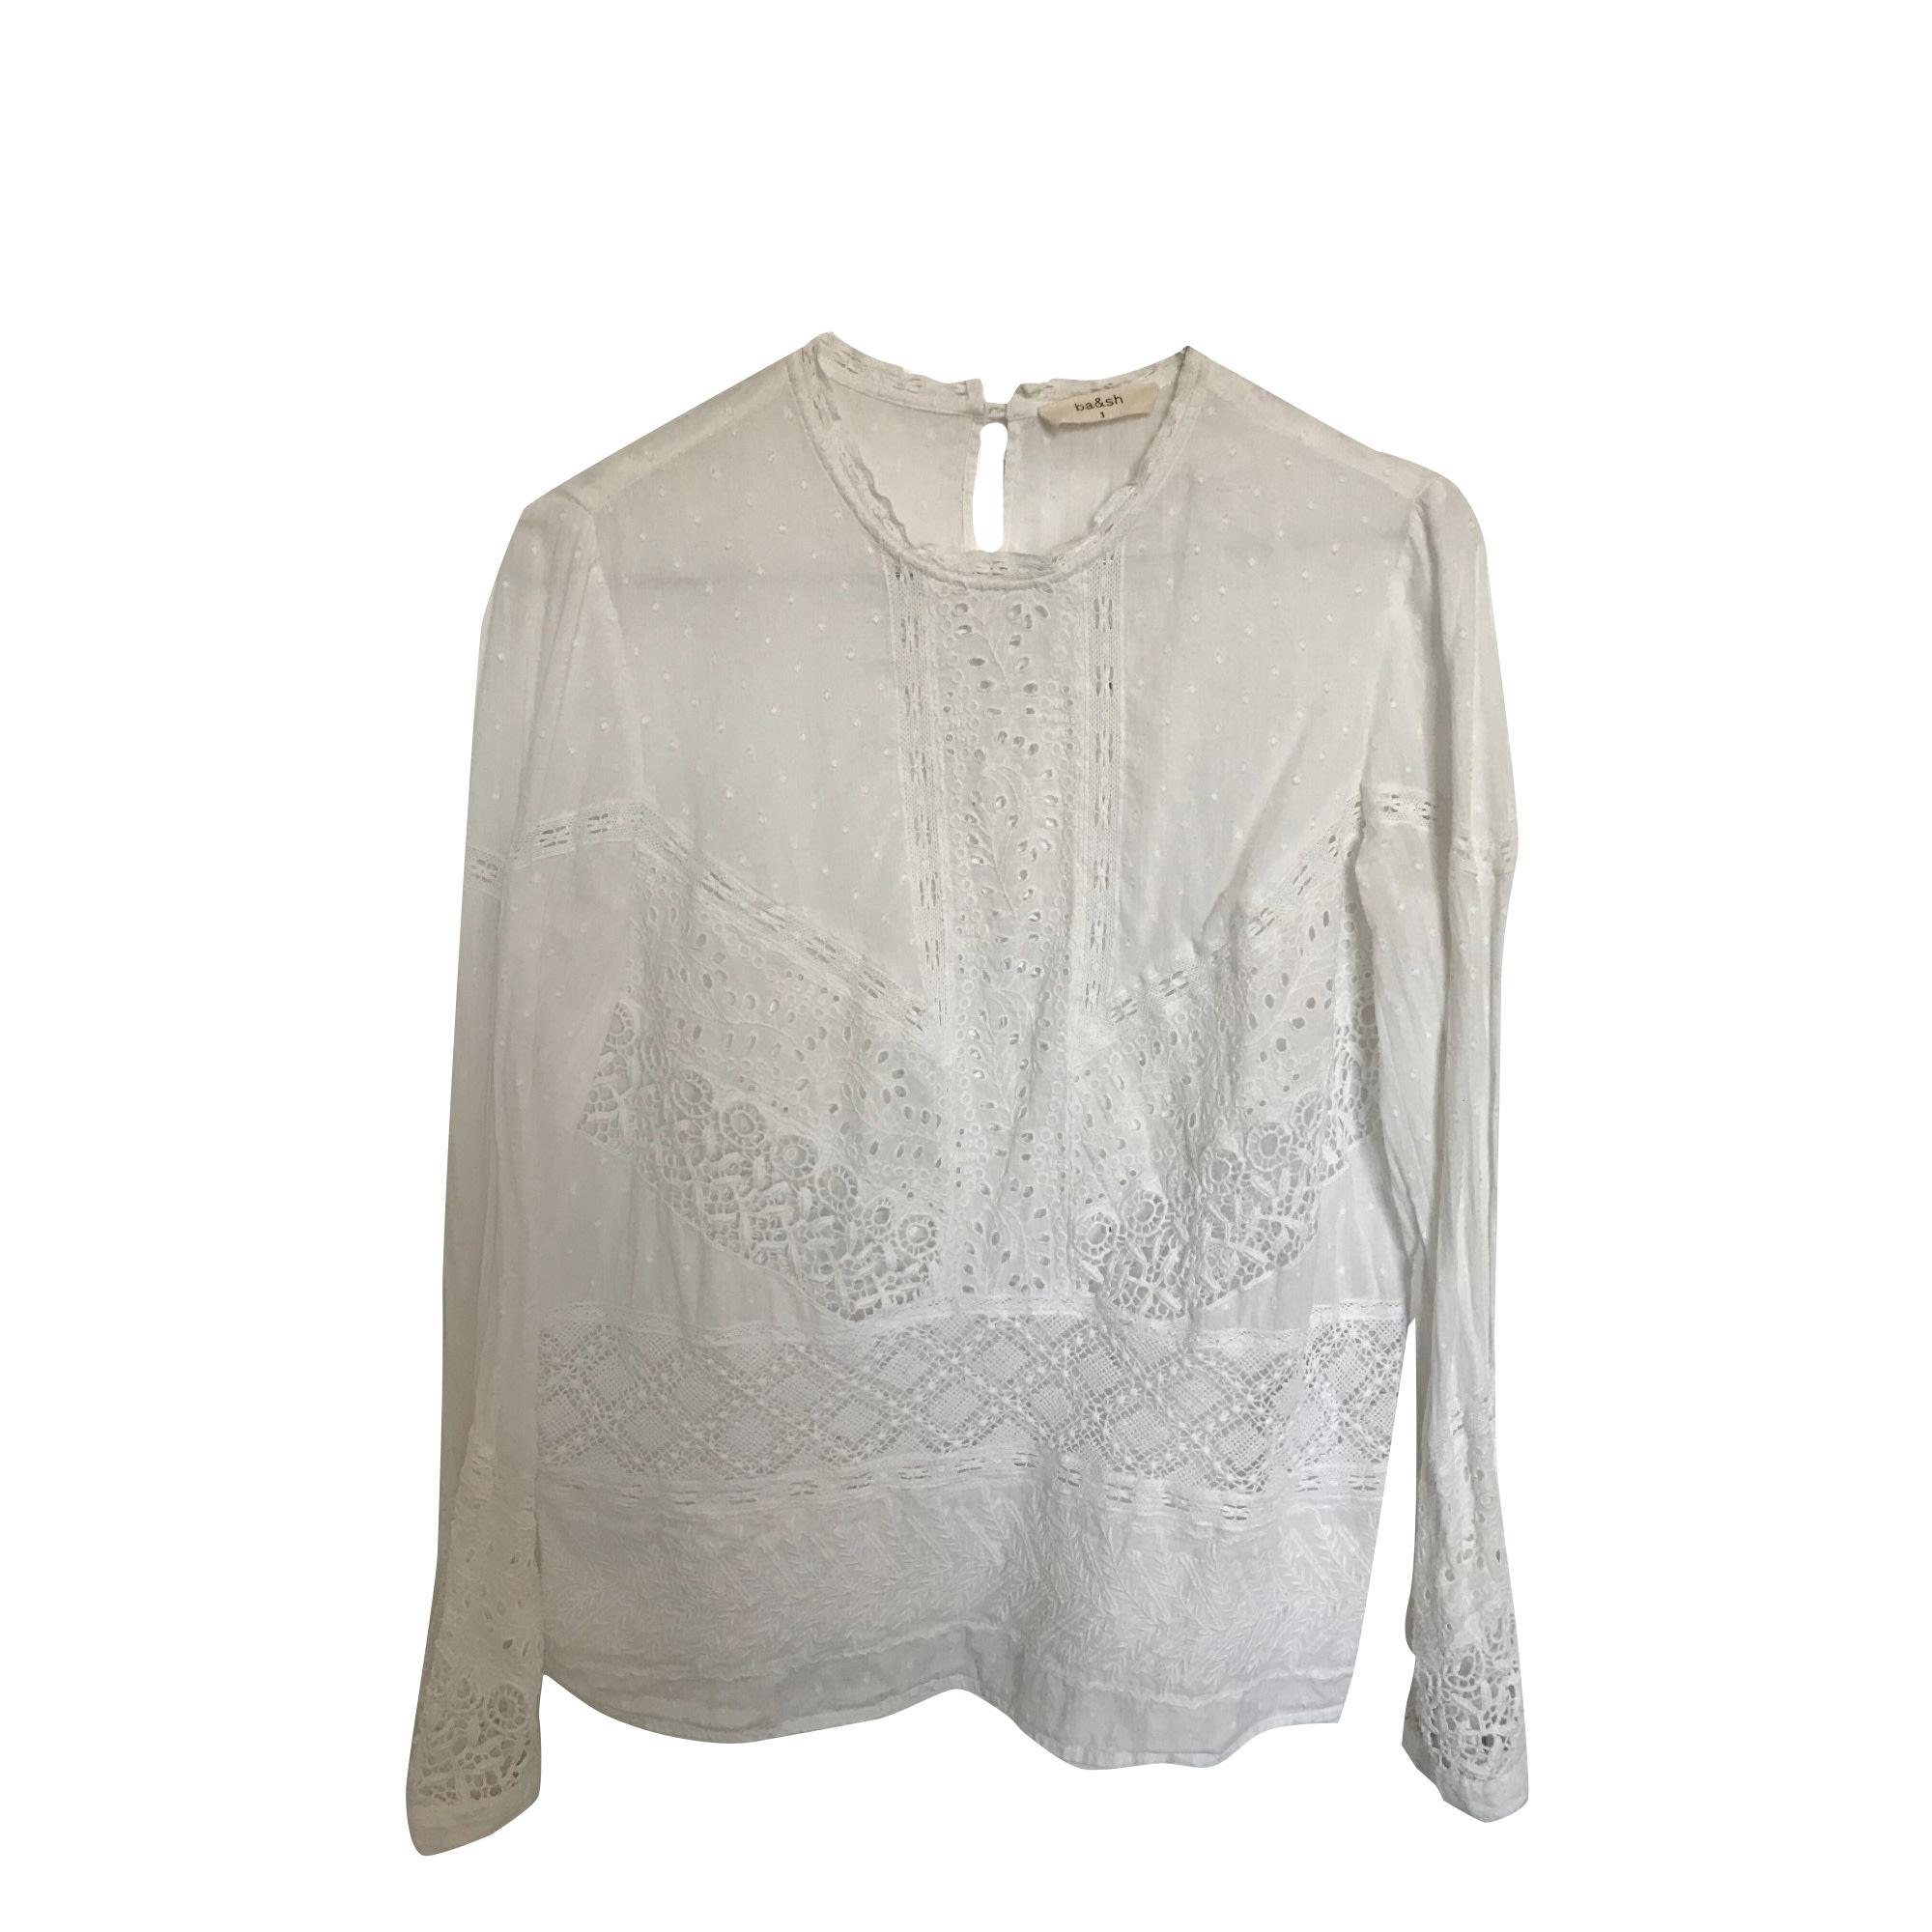 973efa5f64de3e Top, tee-shirt BA SH 36 (S, T1) blanc vendu par Claire 664566719 ...